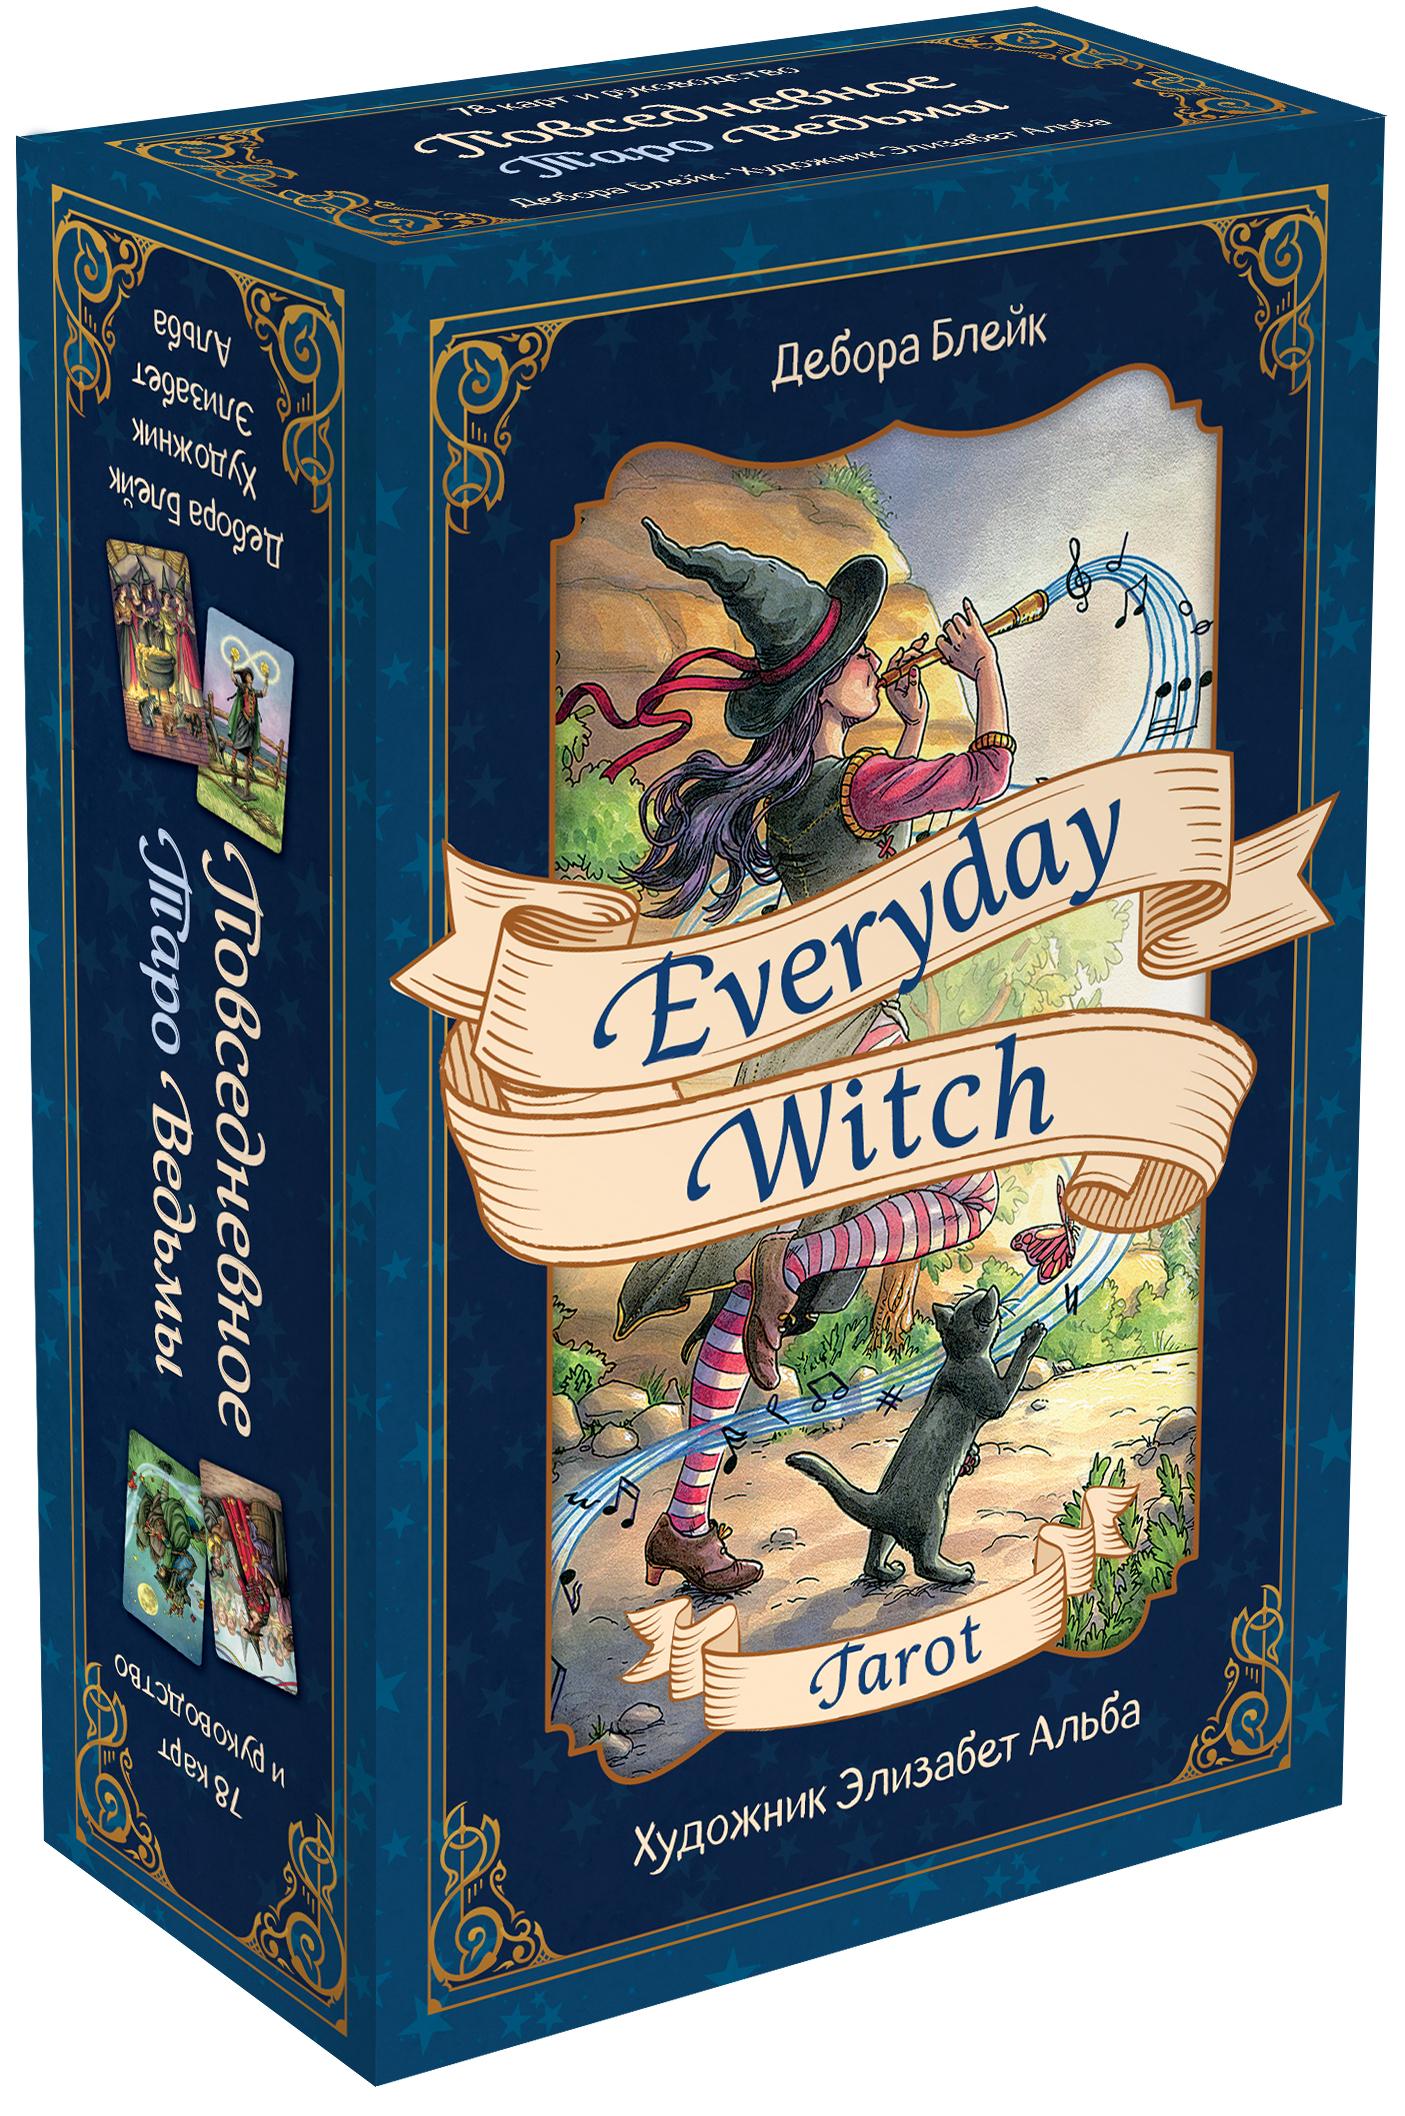 Дебора Блейк Everyday Witch Tarot. Повседневное Таро ведьмы (78 карт и руководство в подарочном футляре) цены